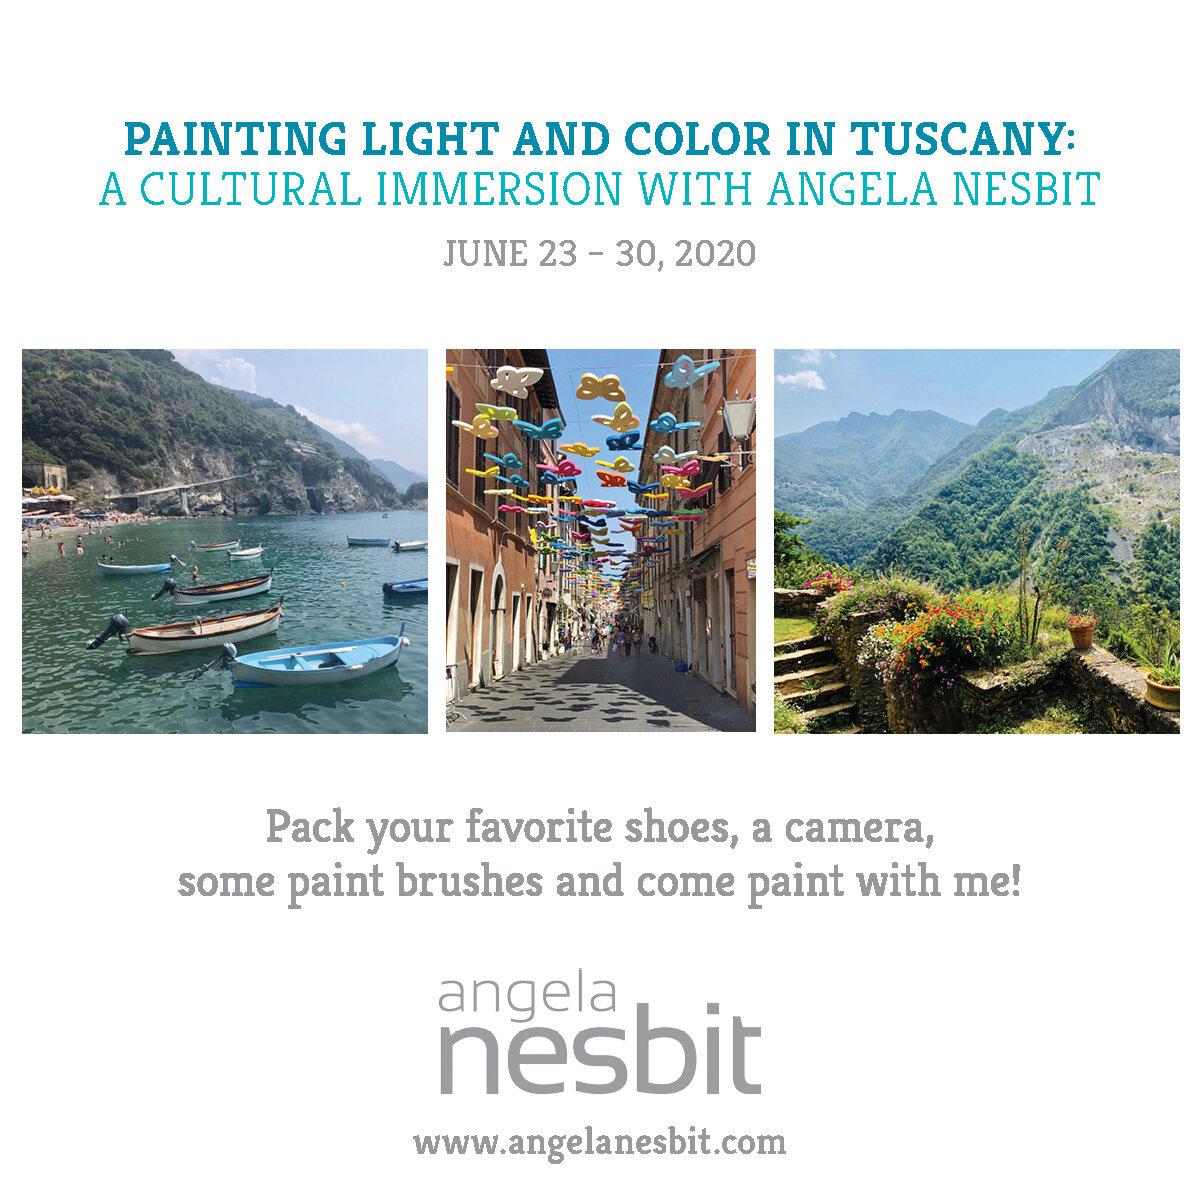 Nesbit_Tuscany_2020_SM1.jpg